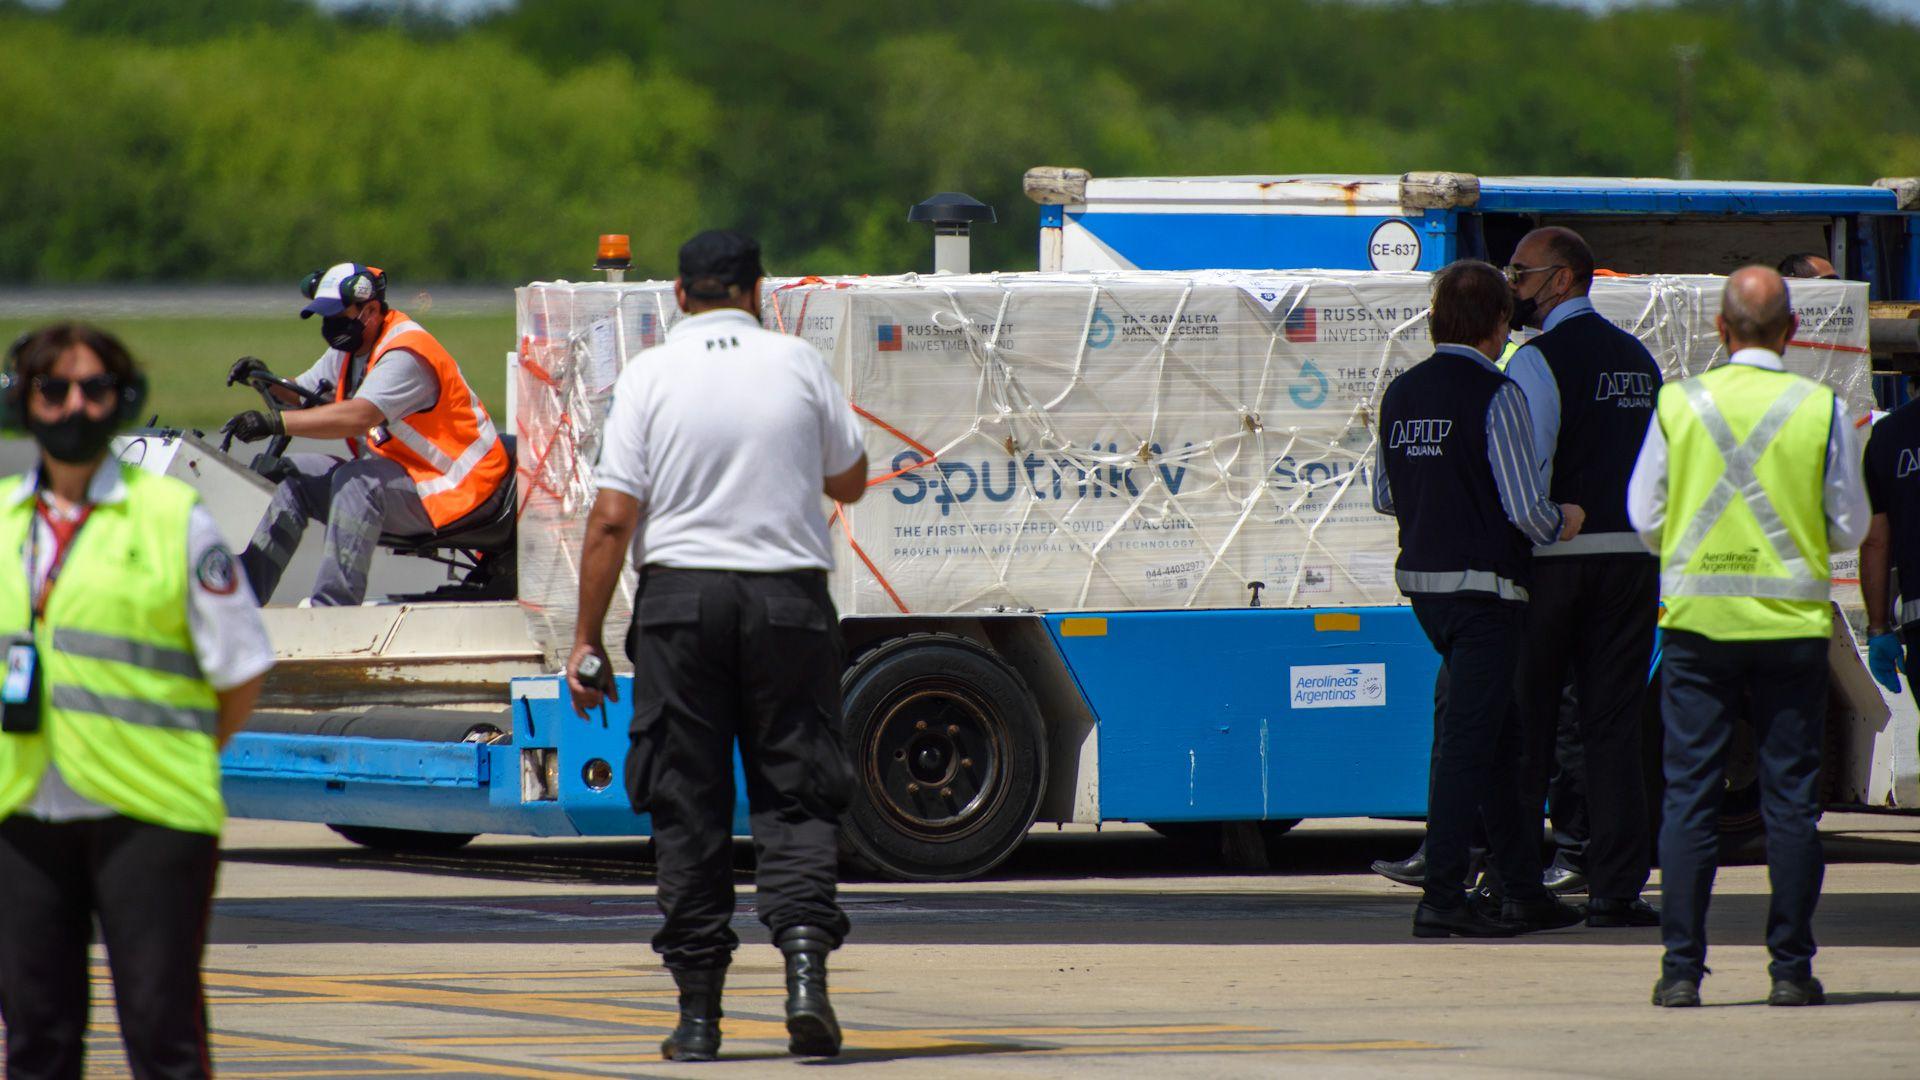 llego avion aerolineas argentinas segunda tanda vacuna rusa sputnik V